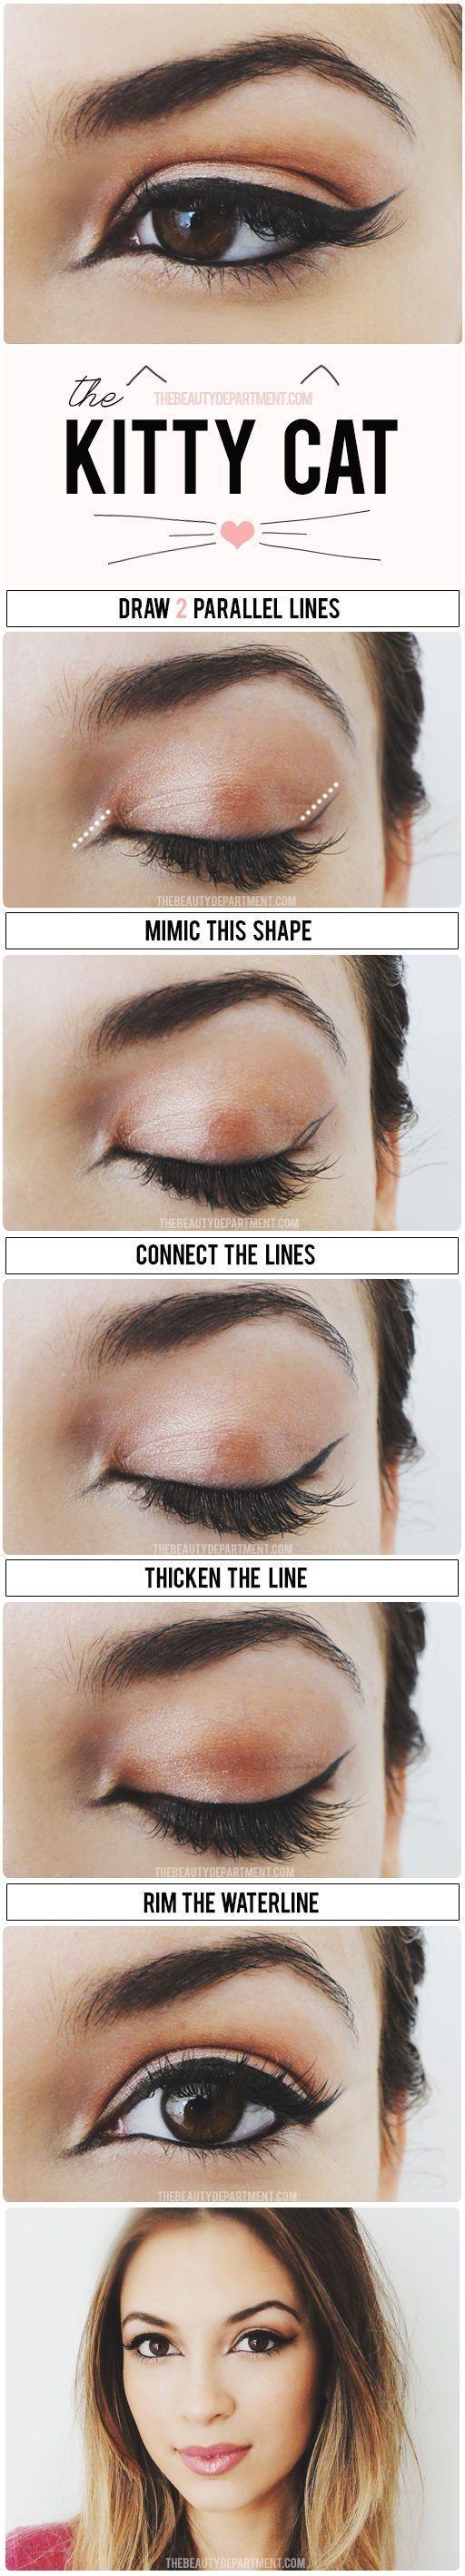 Kitty Eye Makeup by Patty PJ